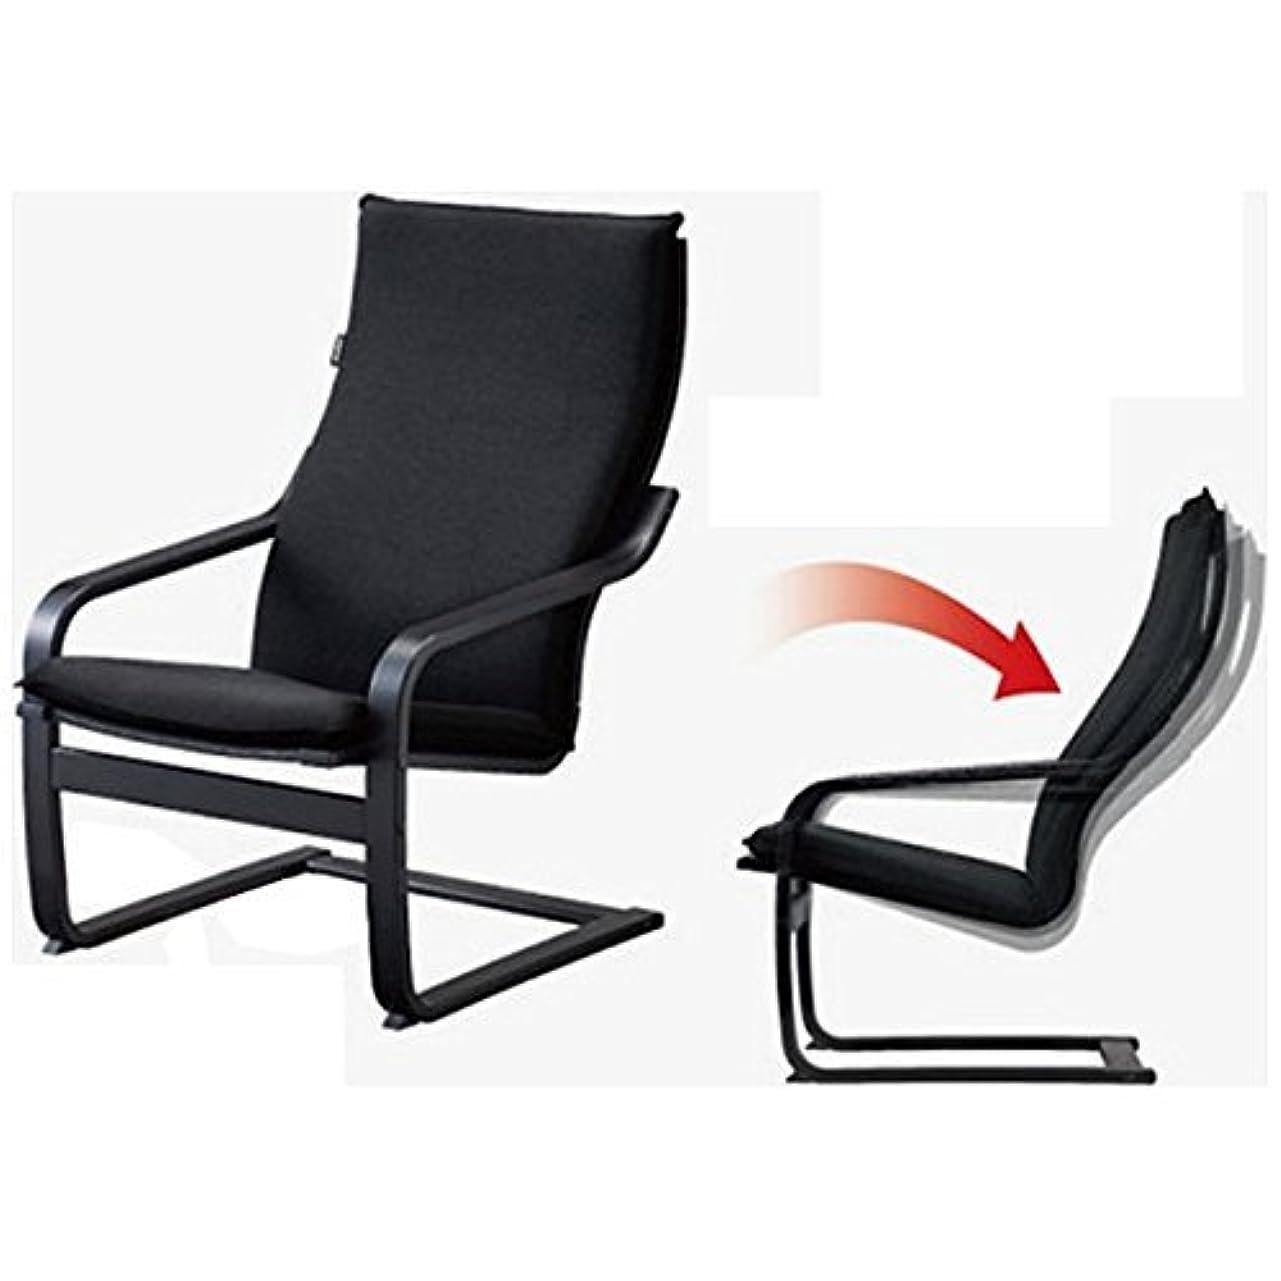 合法等々開いたフジ医療器 シートマッサージャー用チェア(ブラック)my relax(マイリラ) MRL-10C